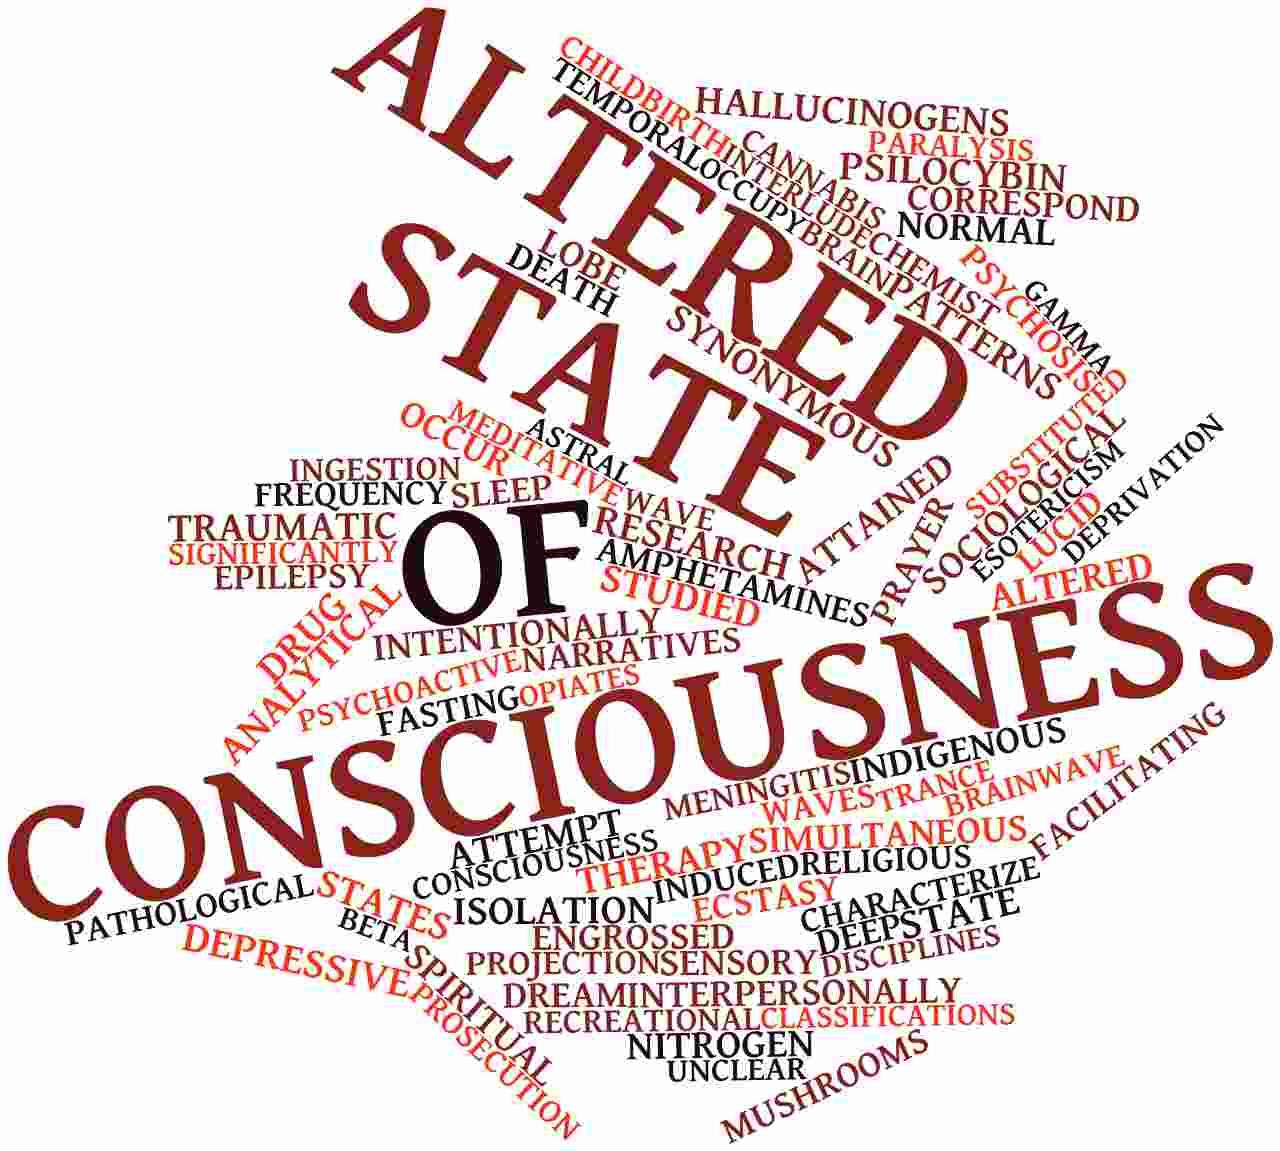 Coscienza alterata... tramite app (Adobe Stock)